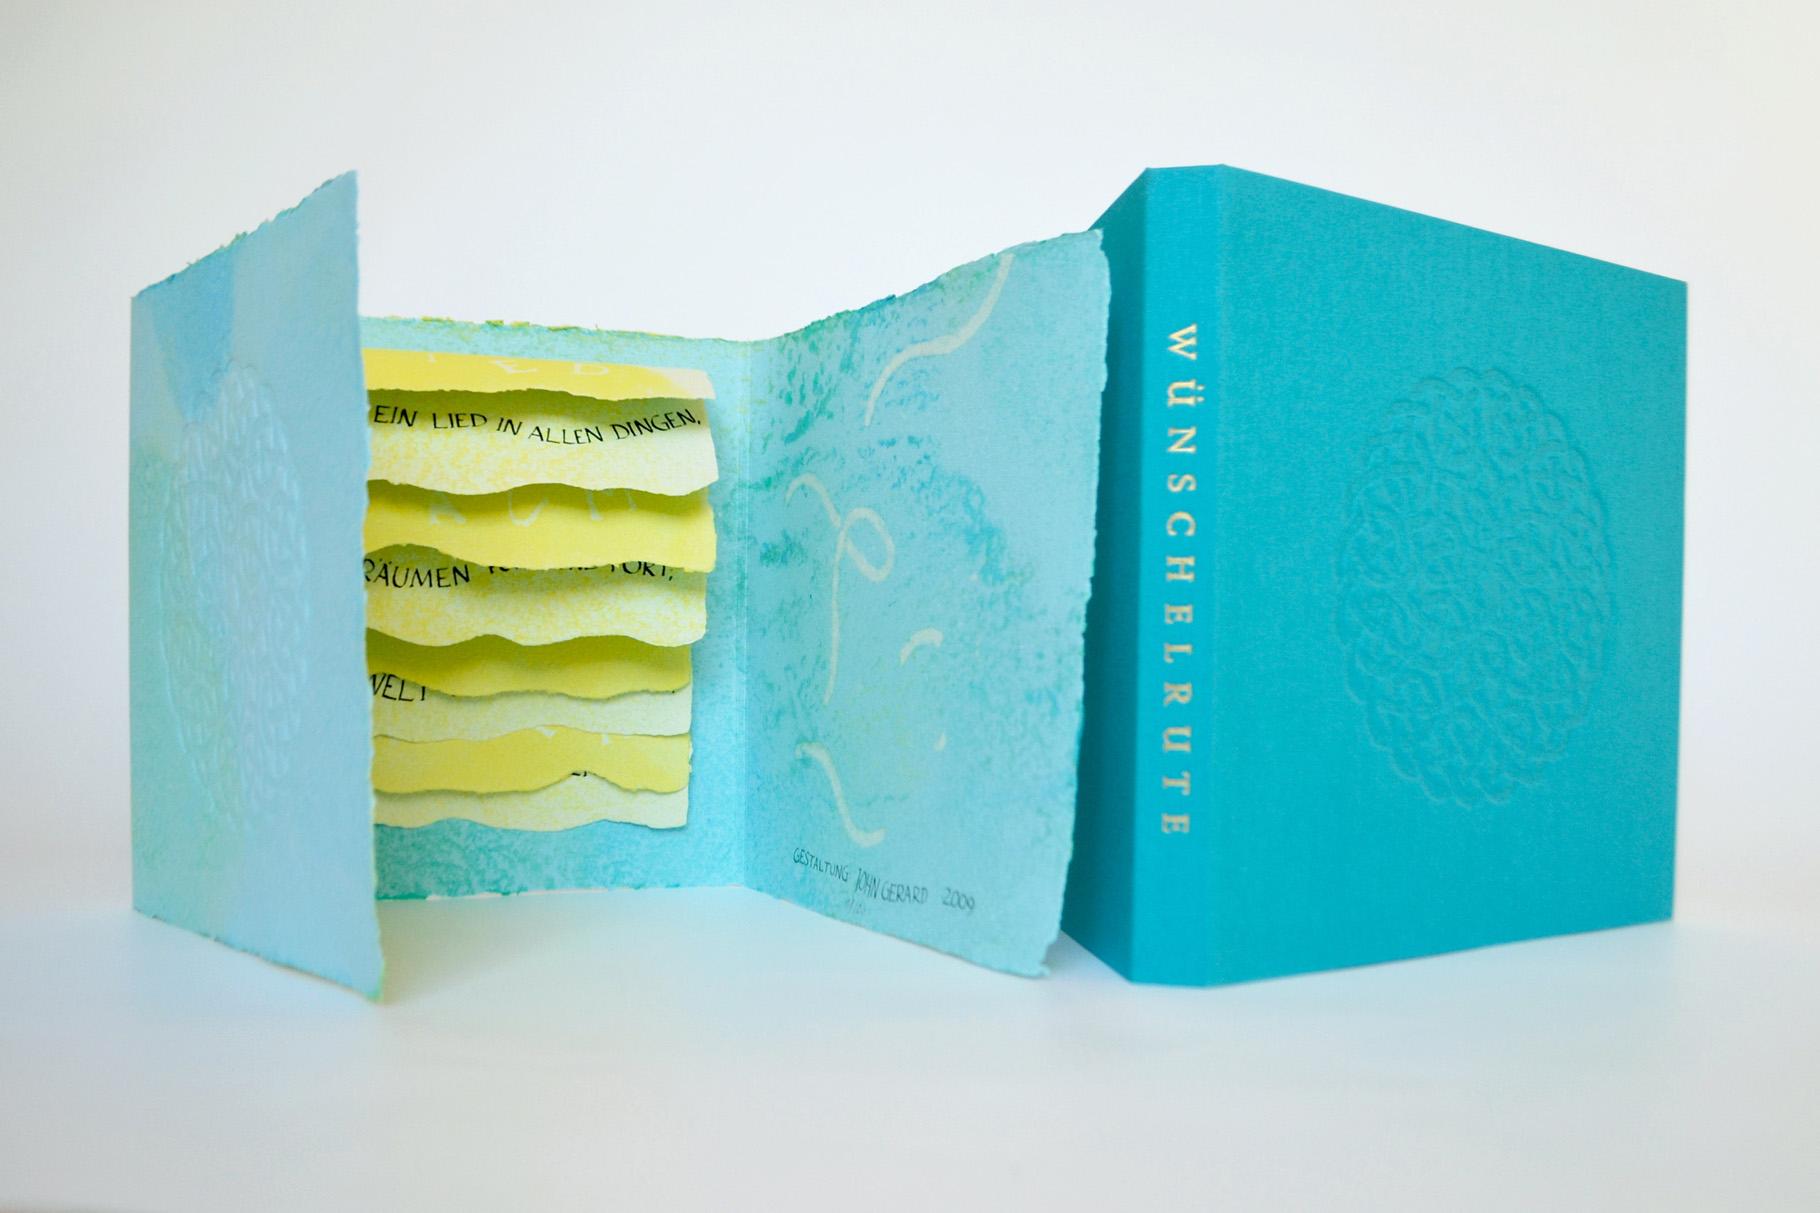 """""""Wünschelrute"""" (2009) - Ein Künstlerbuch von John Gerard mit der ersten Zeile des Gedichts """"Schläft ein Lied in allen Dingen"""" von J. von Eichendorff"""